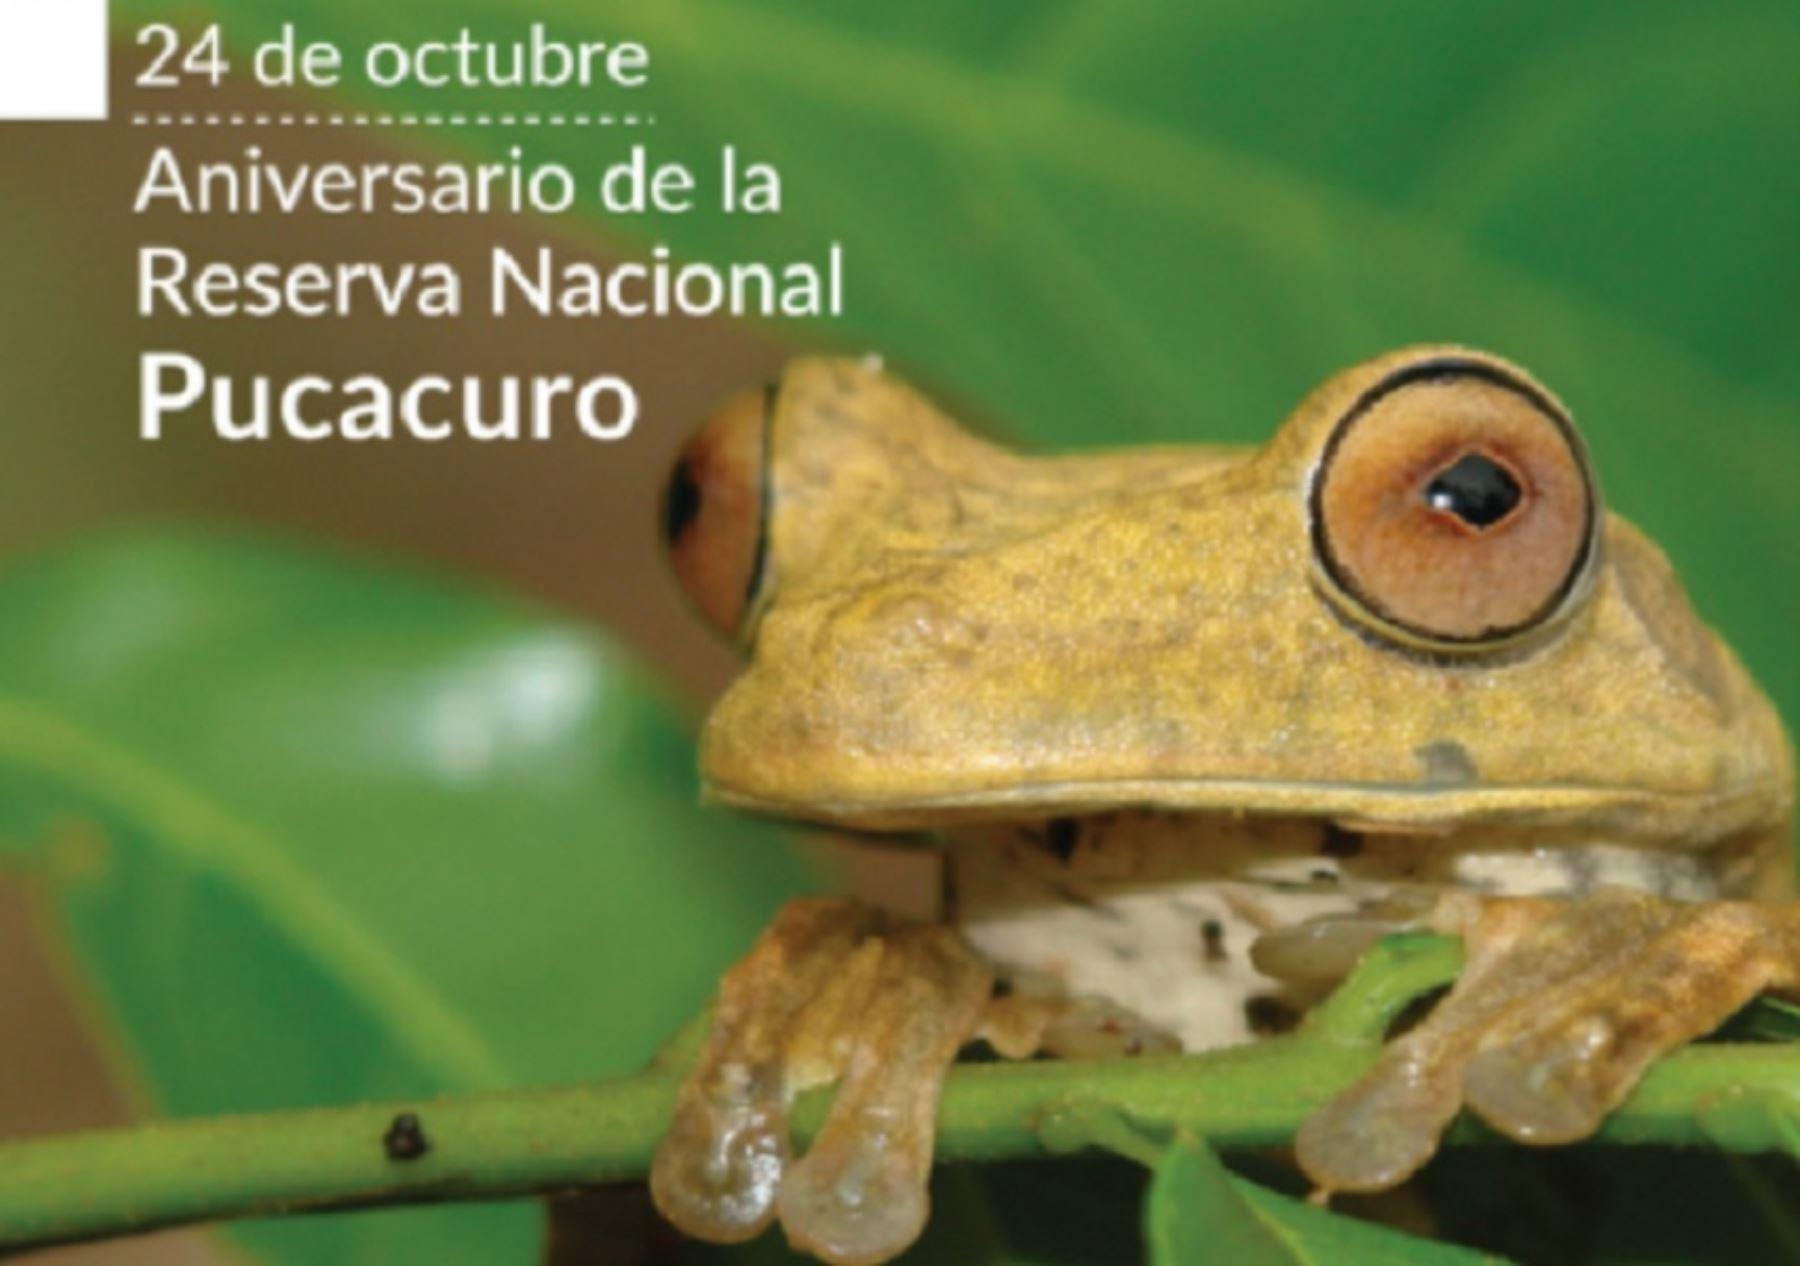 Reserva Nacional Pucacuro cumple 10 años conservando una singular biodiversidad en la Amazonía de la región Loreto. Foto: Sernanp